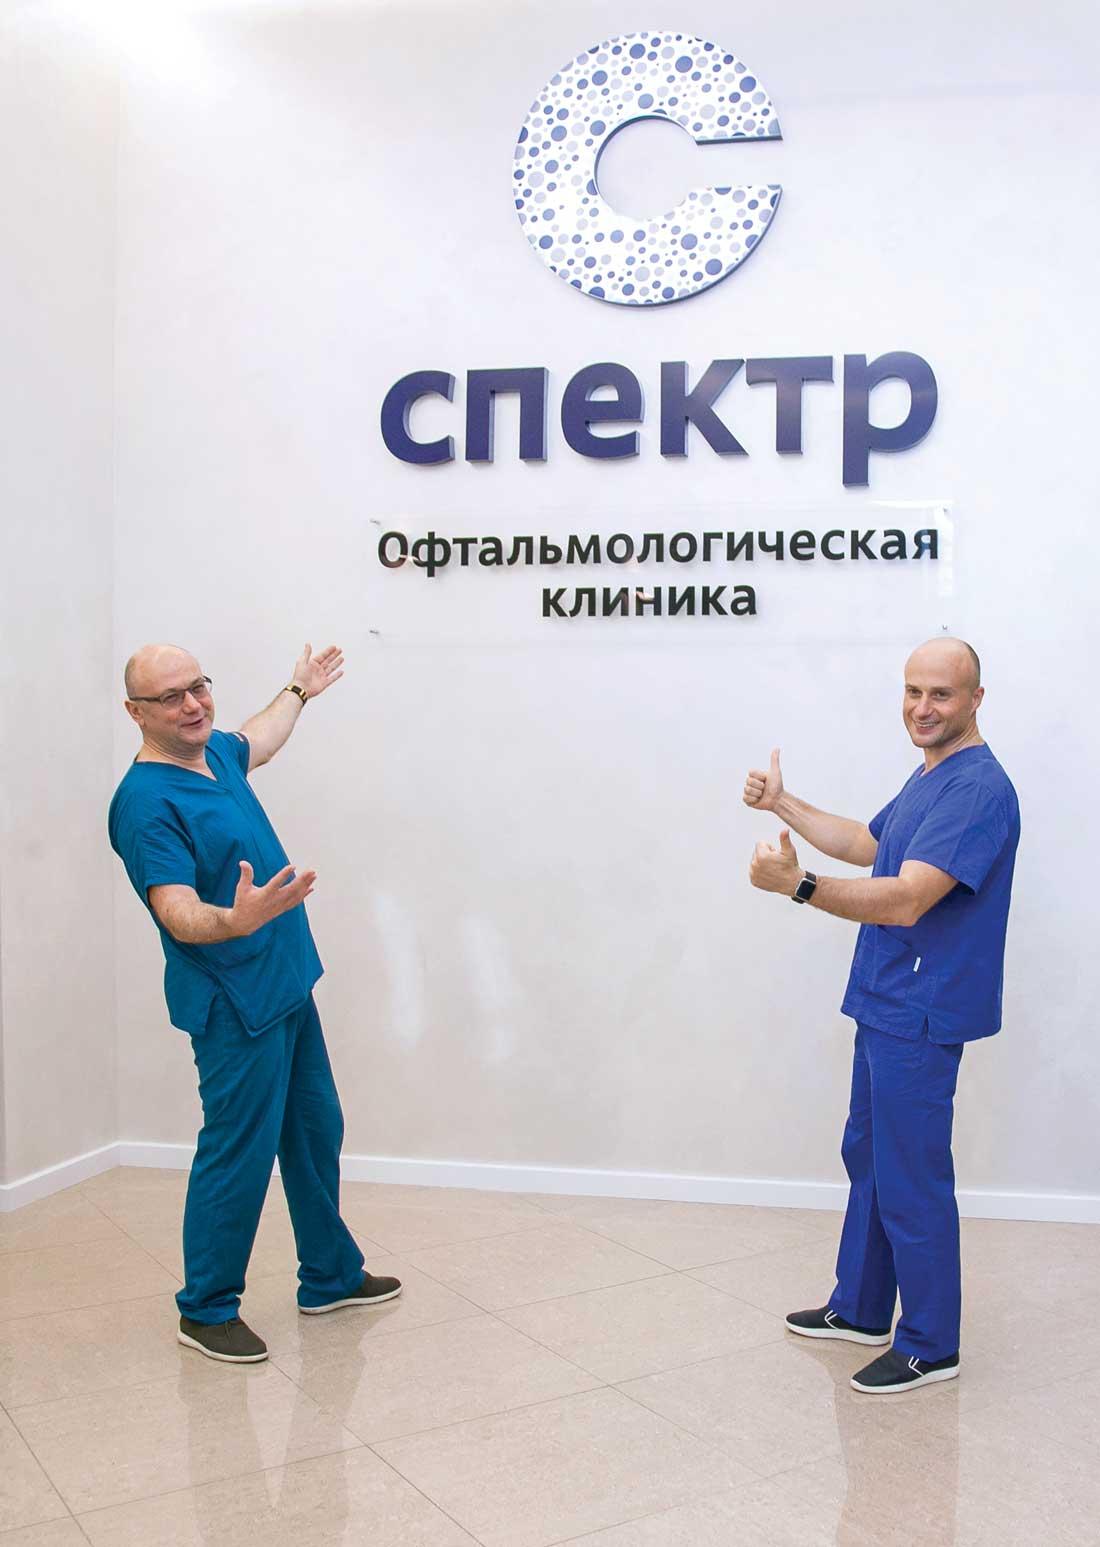 Офтальмологическая клиника Спектр